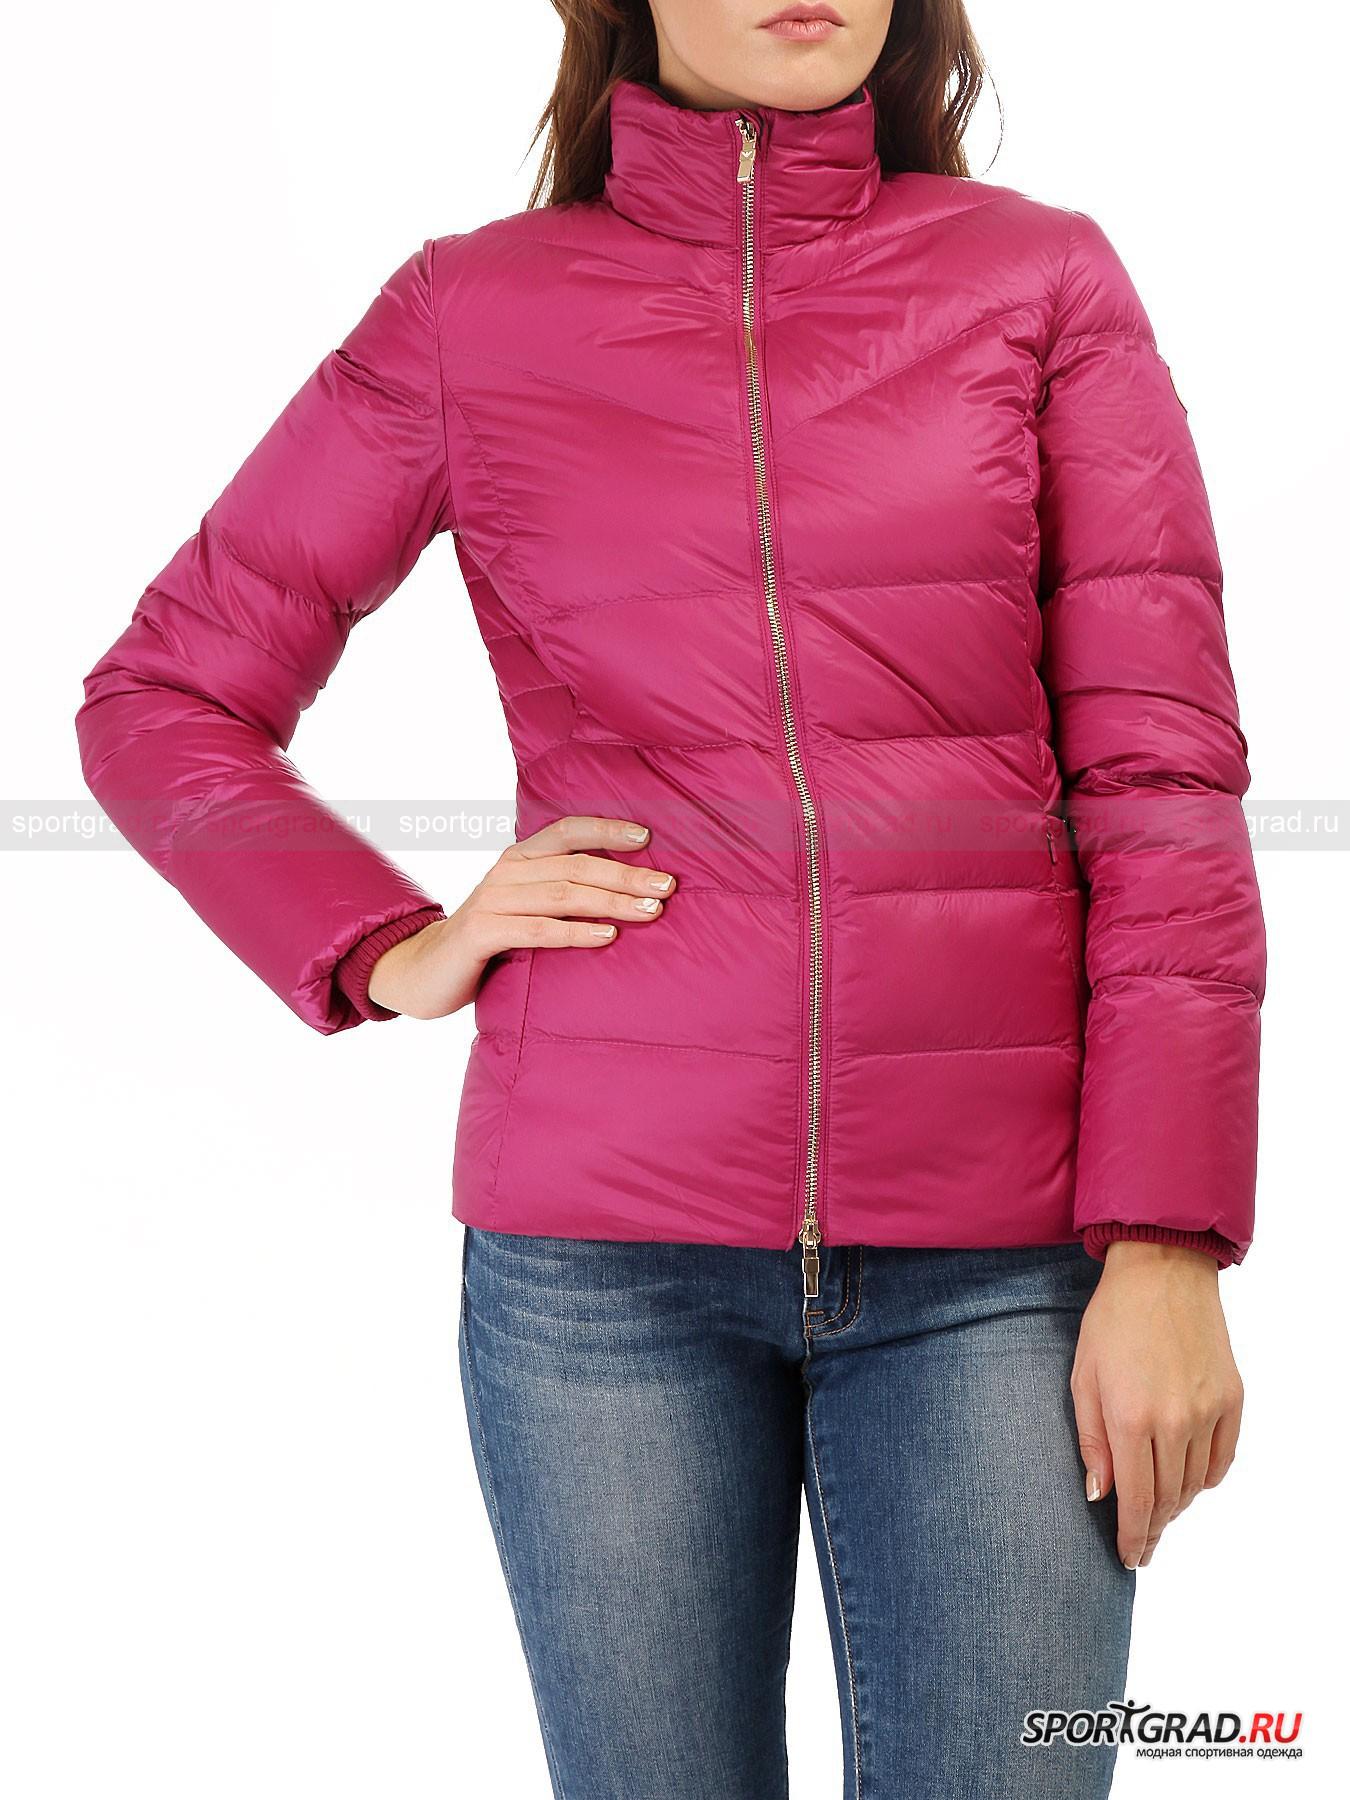 426c6203c2f7 Куртка женская Mountain Core Down Jacket EA7 EMPORIO ARMANI. Загрузка  изображения